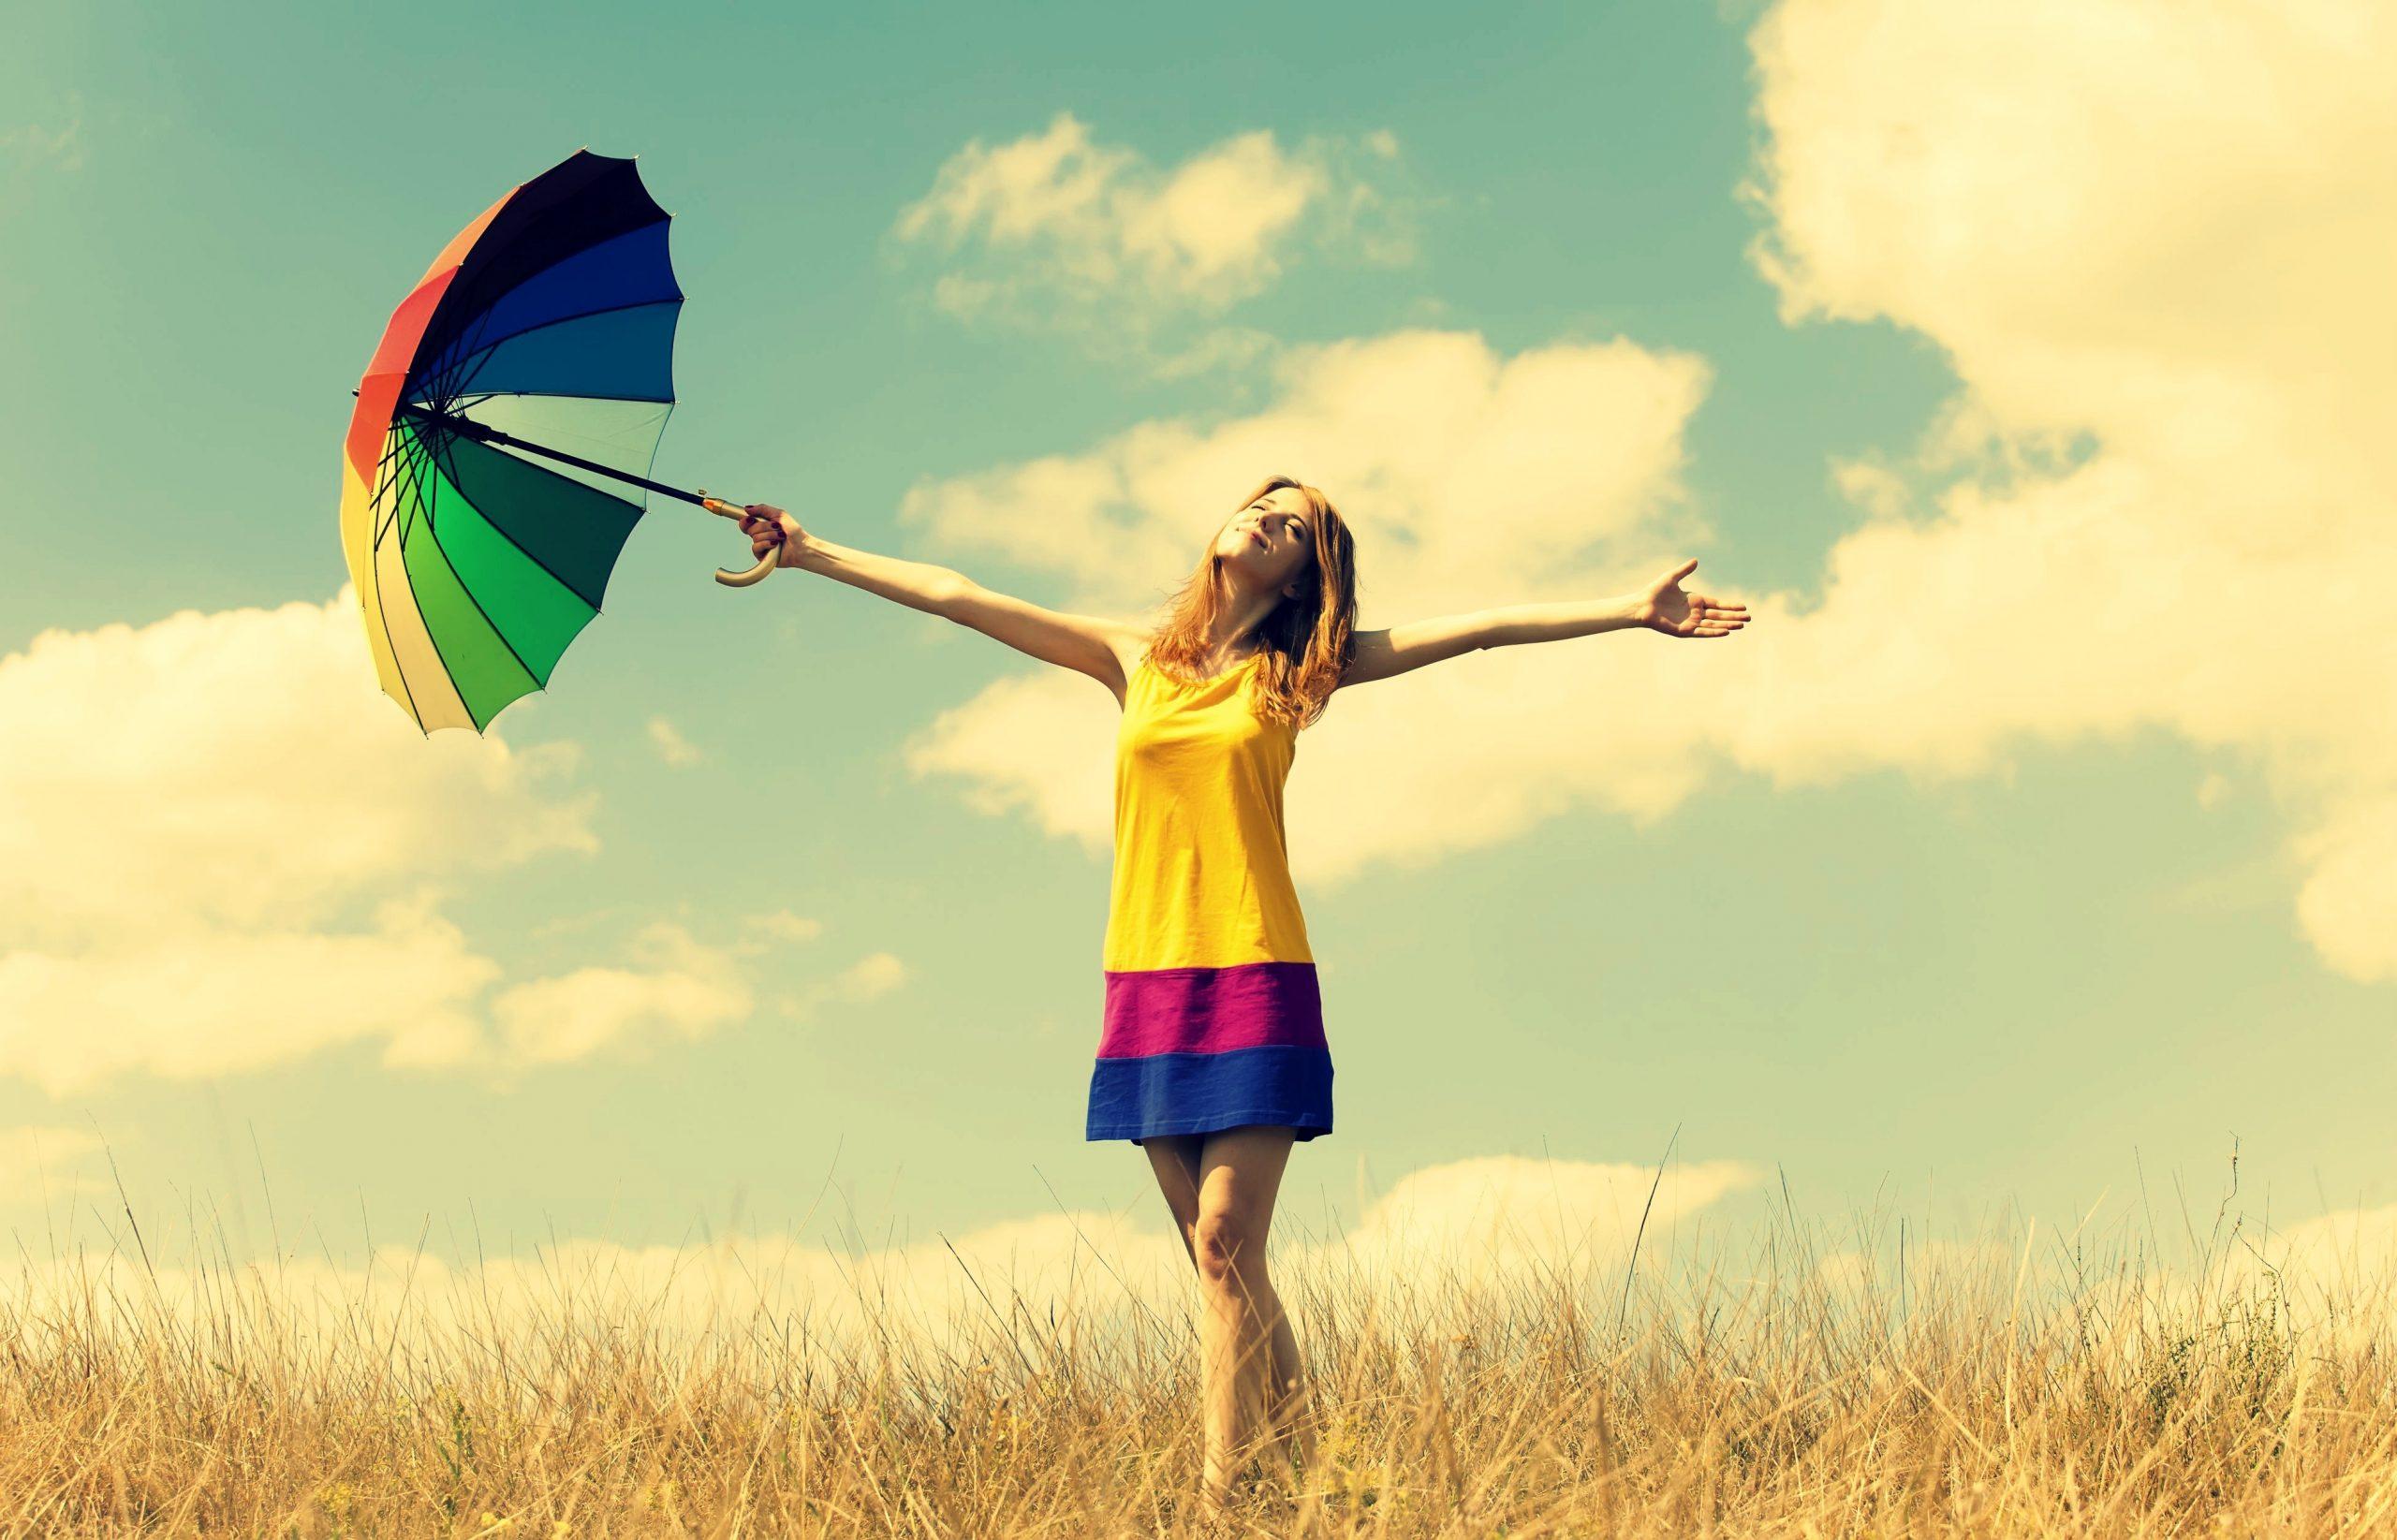 Felicità e benessere: come raggiungerli? 5 passi